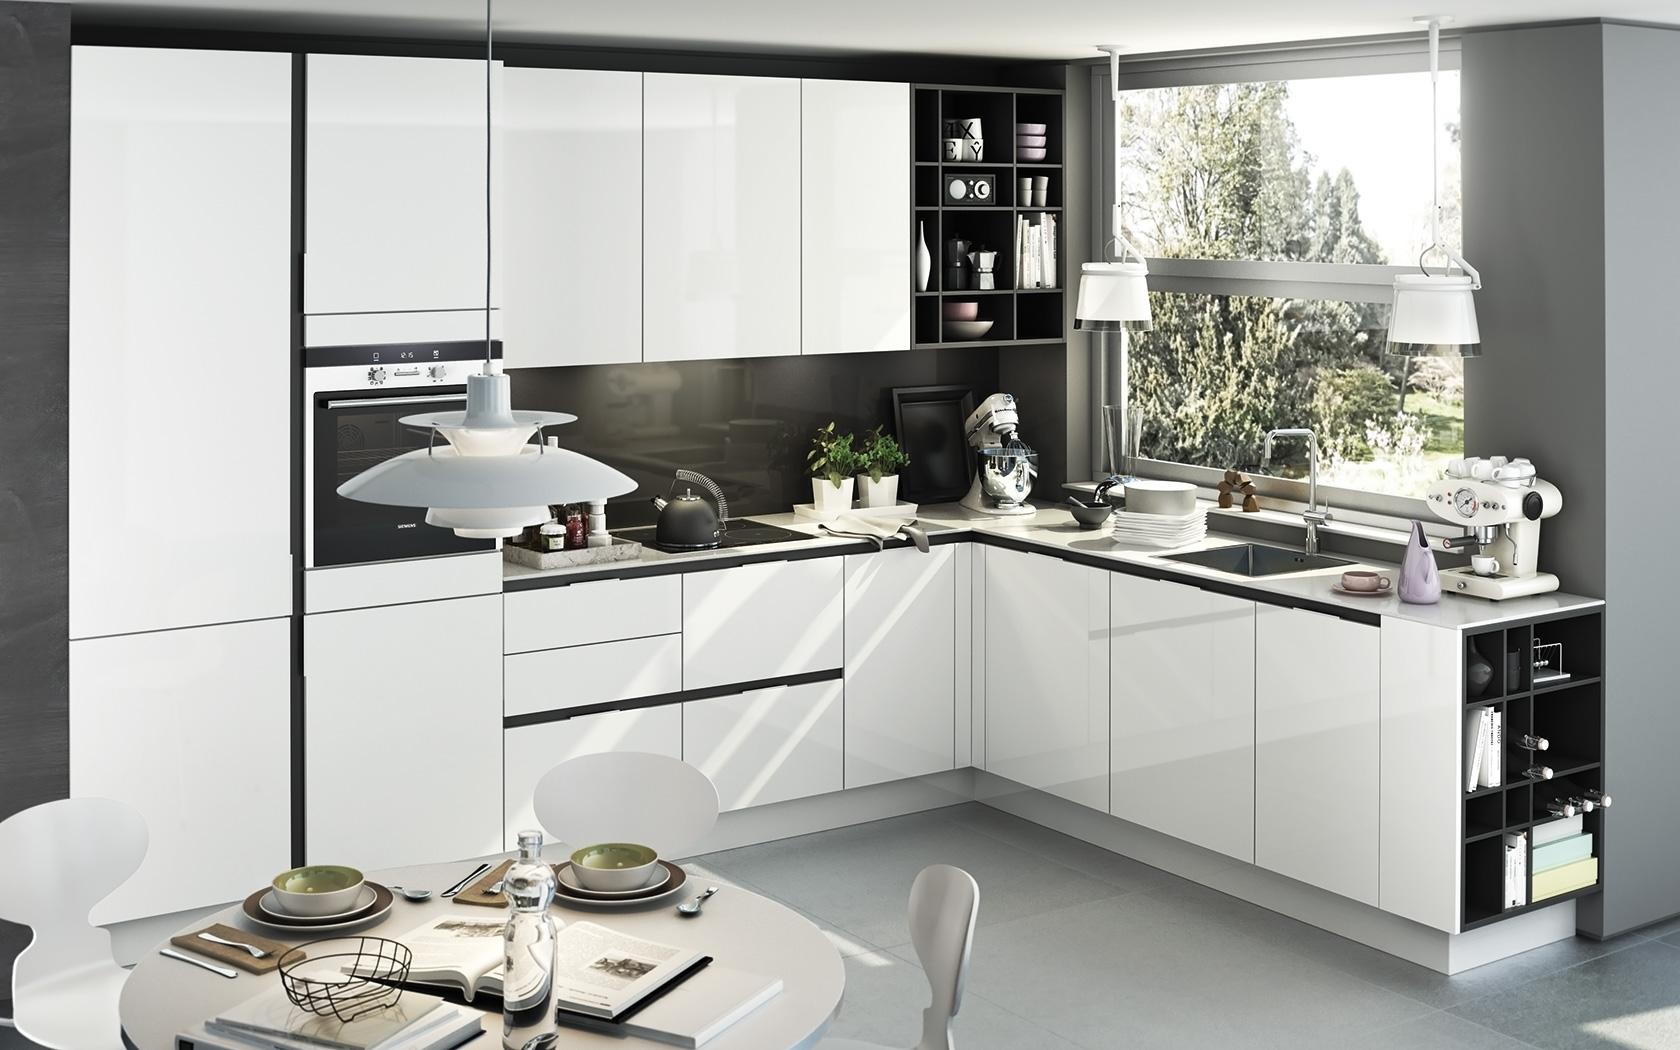 nieuwe siematic s3 keuken vindt u bij nieuwenhuis keukens. Black Bedroom Furniture Sets. Home Design Ideas